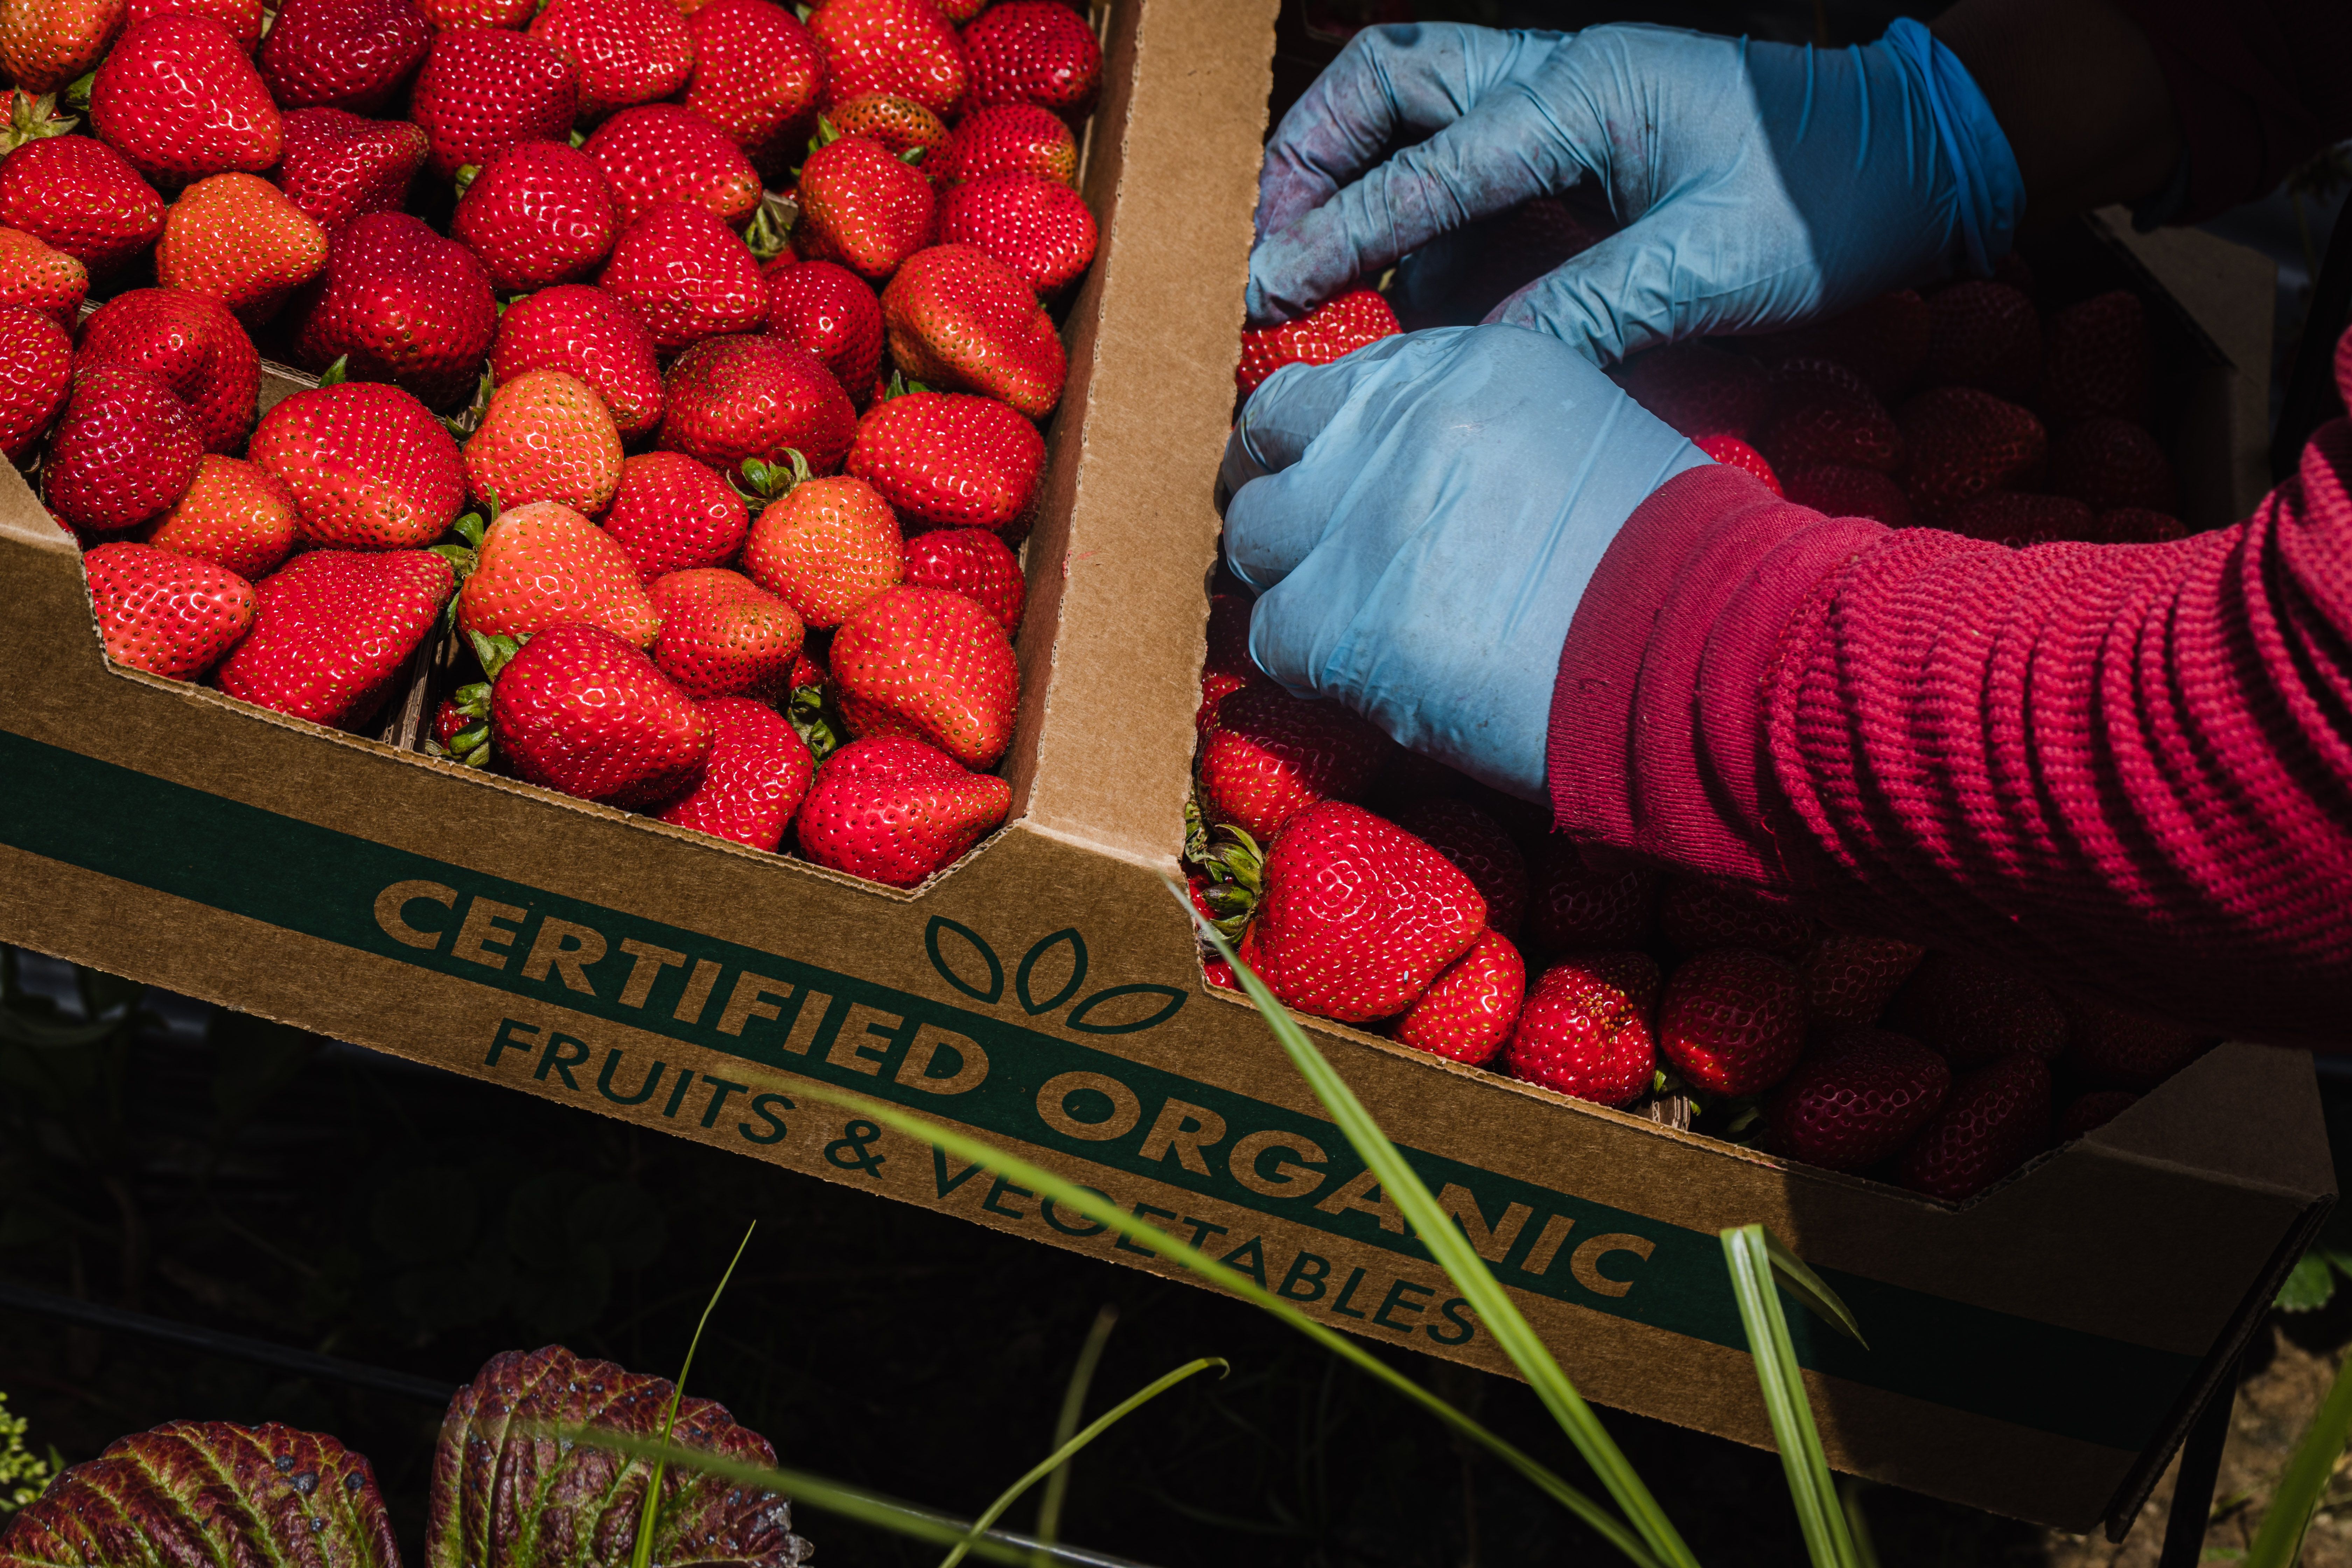 JSM Organic workers harvesting strawberries.